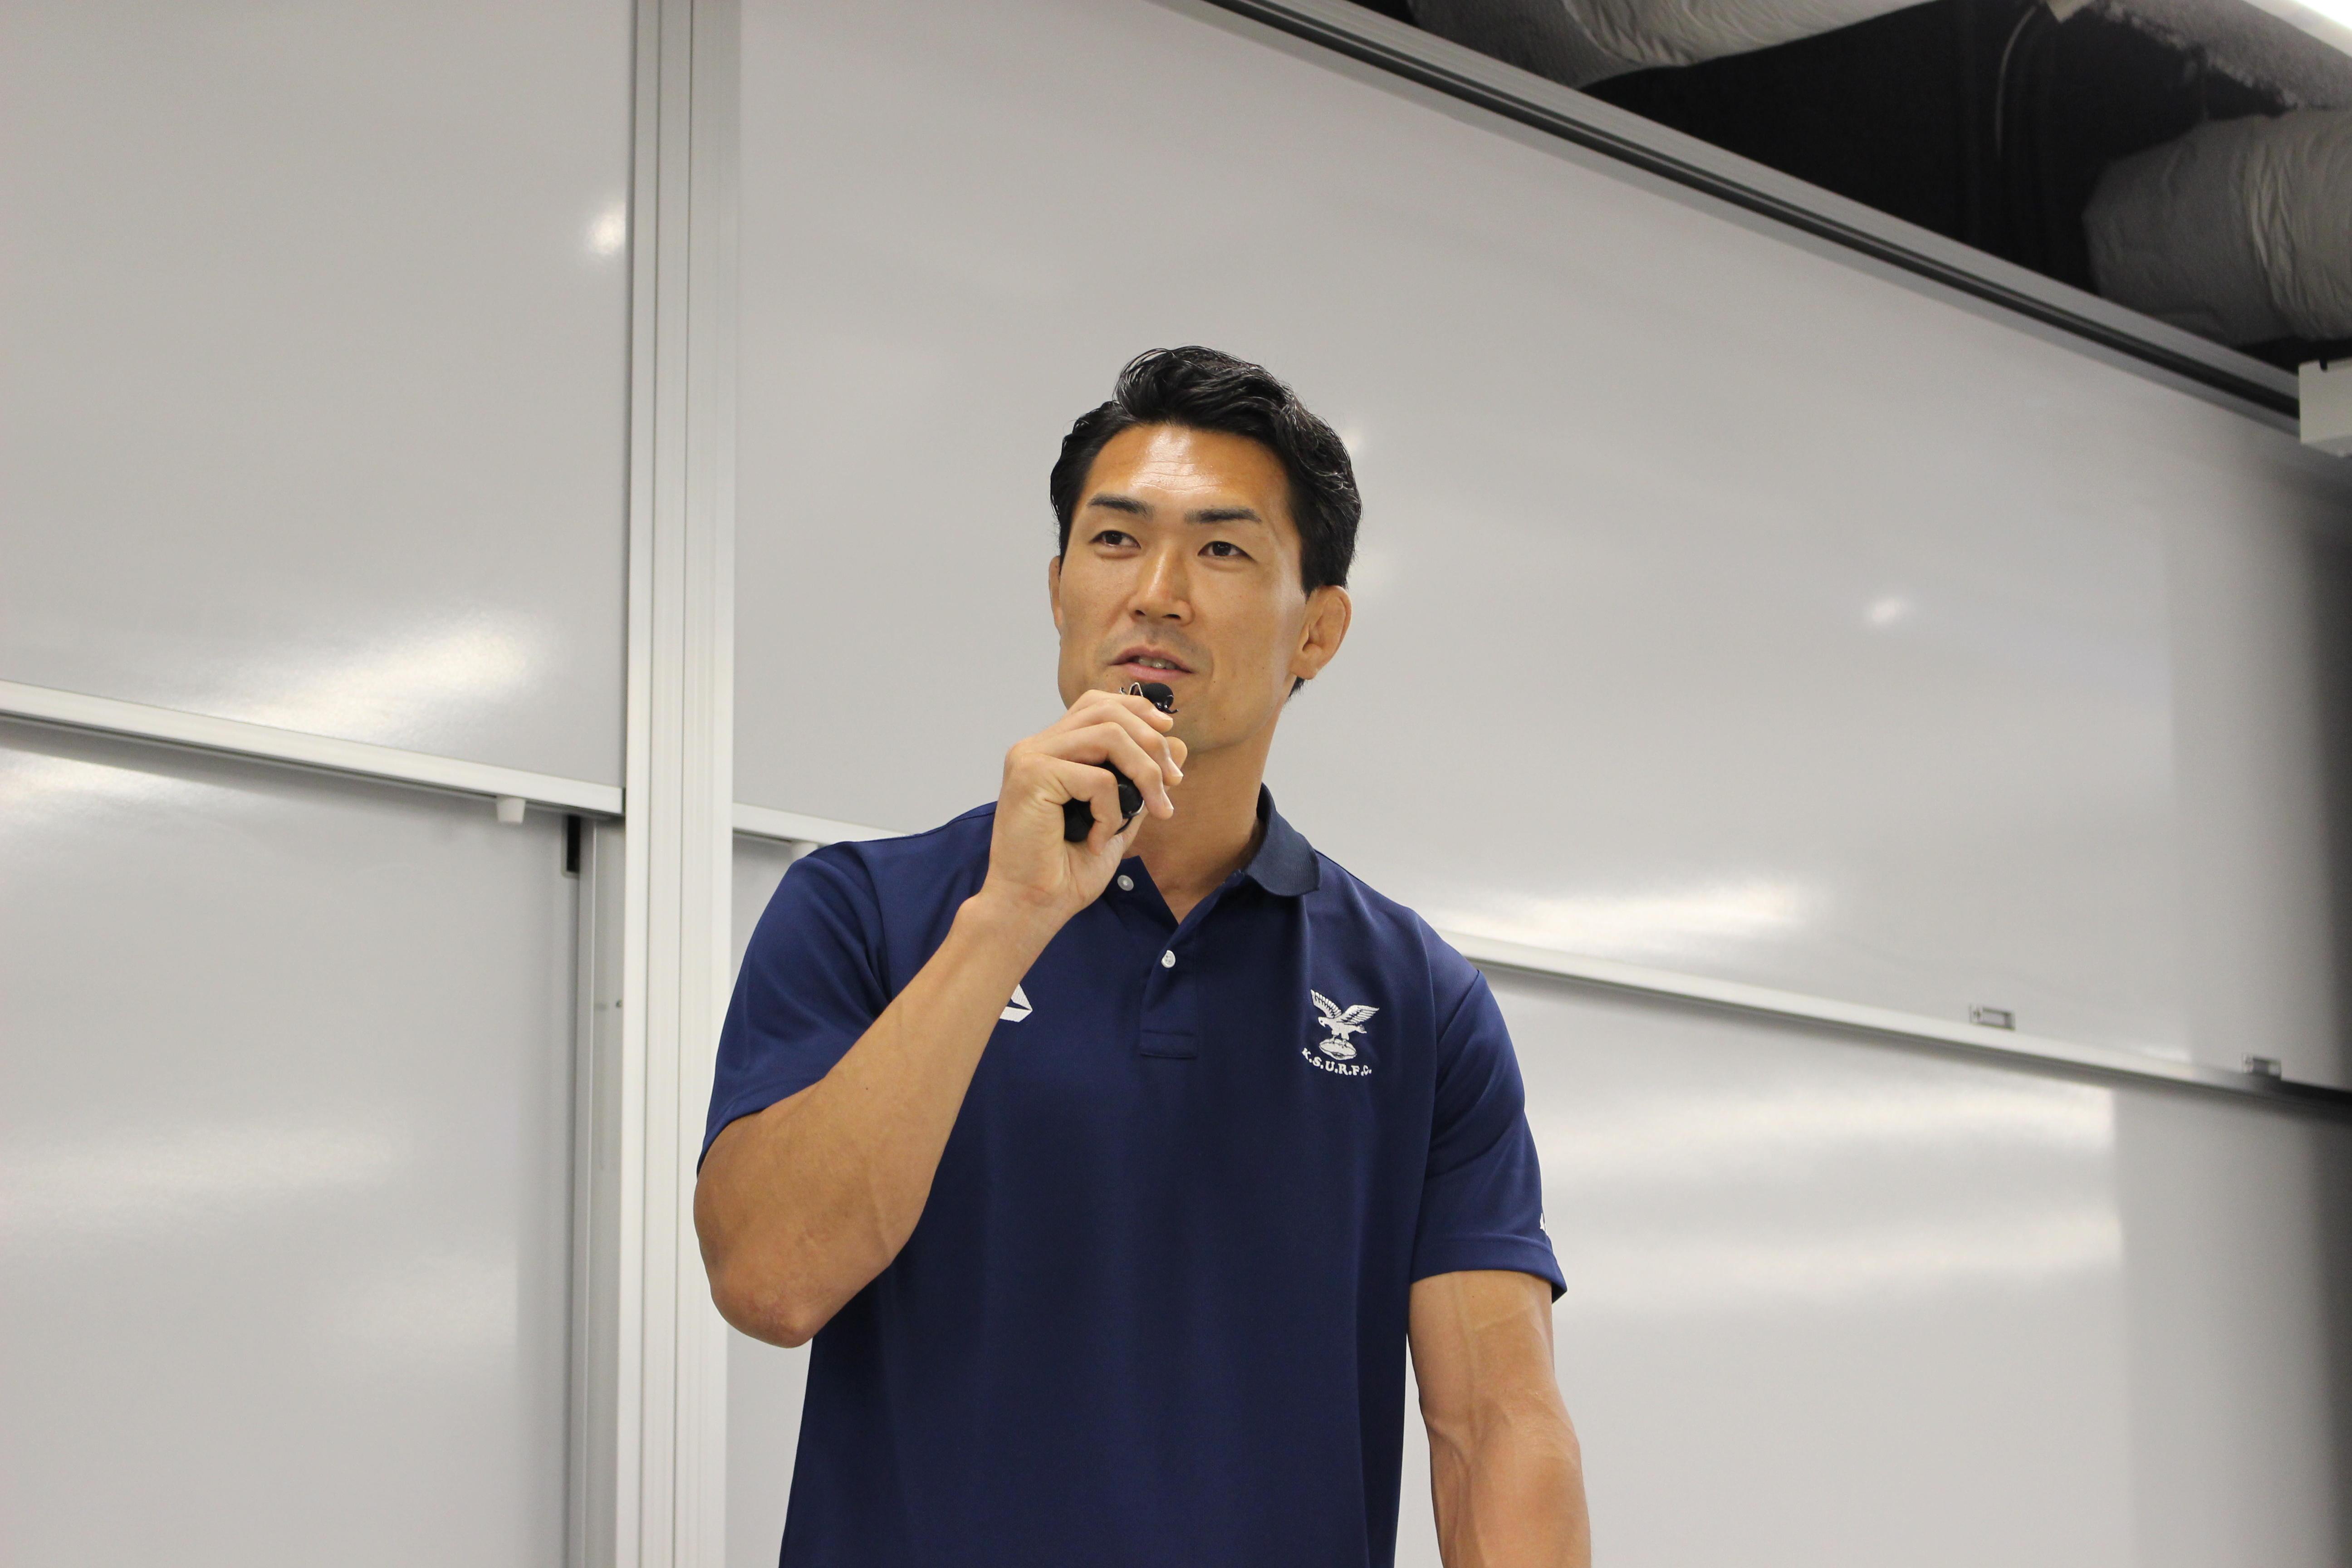 京都産業大学経営学部マネジメント学科開設記念講演会で、元ラグビー日本代表の伊藤鐘史氏がエディ・ジョーンズ前日本代表監督のマネジメント力について講演